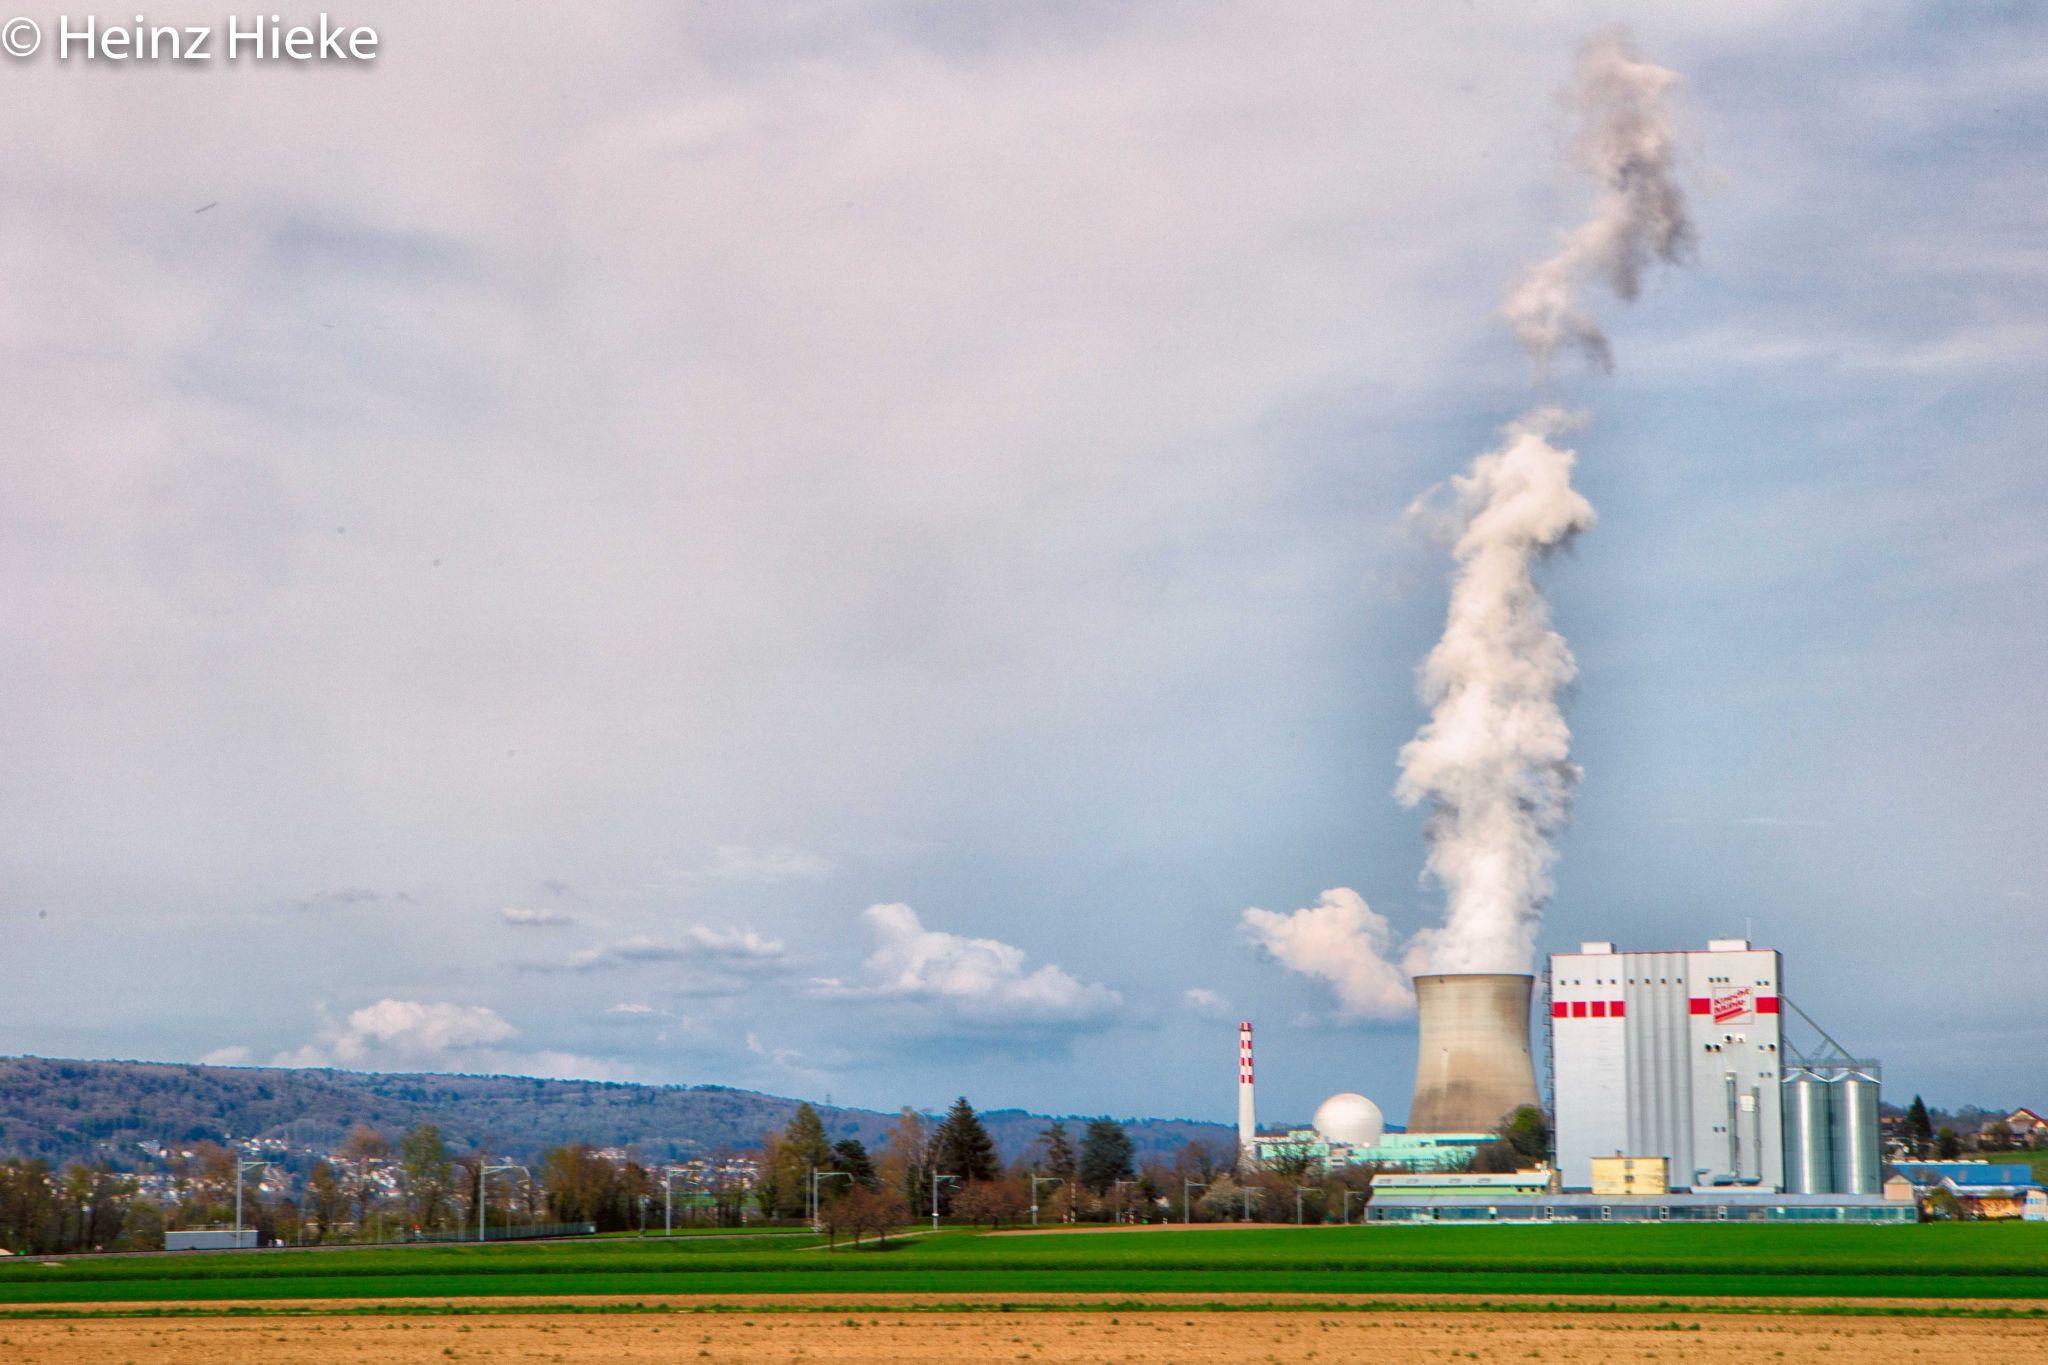 Atomkraftwerk Leibstadt, Switzerland